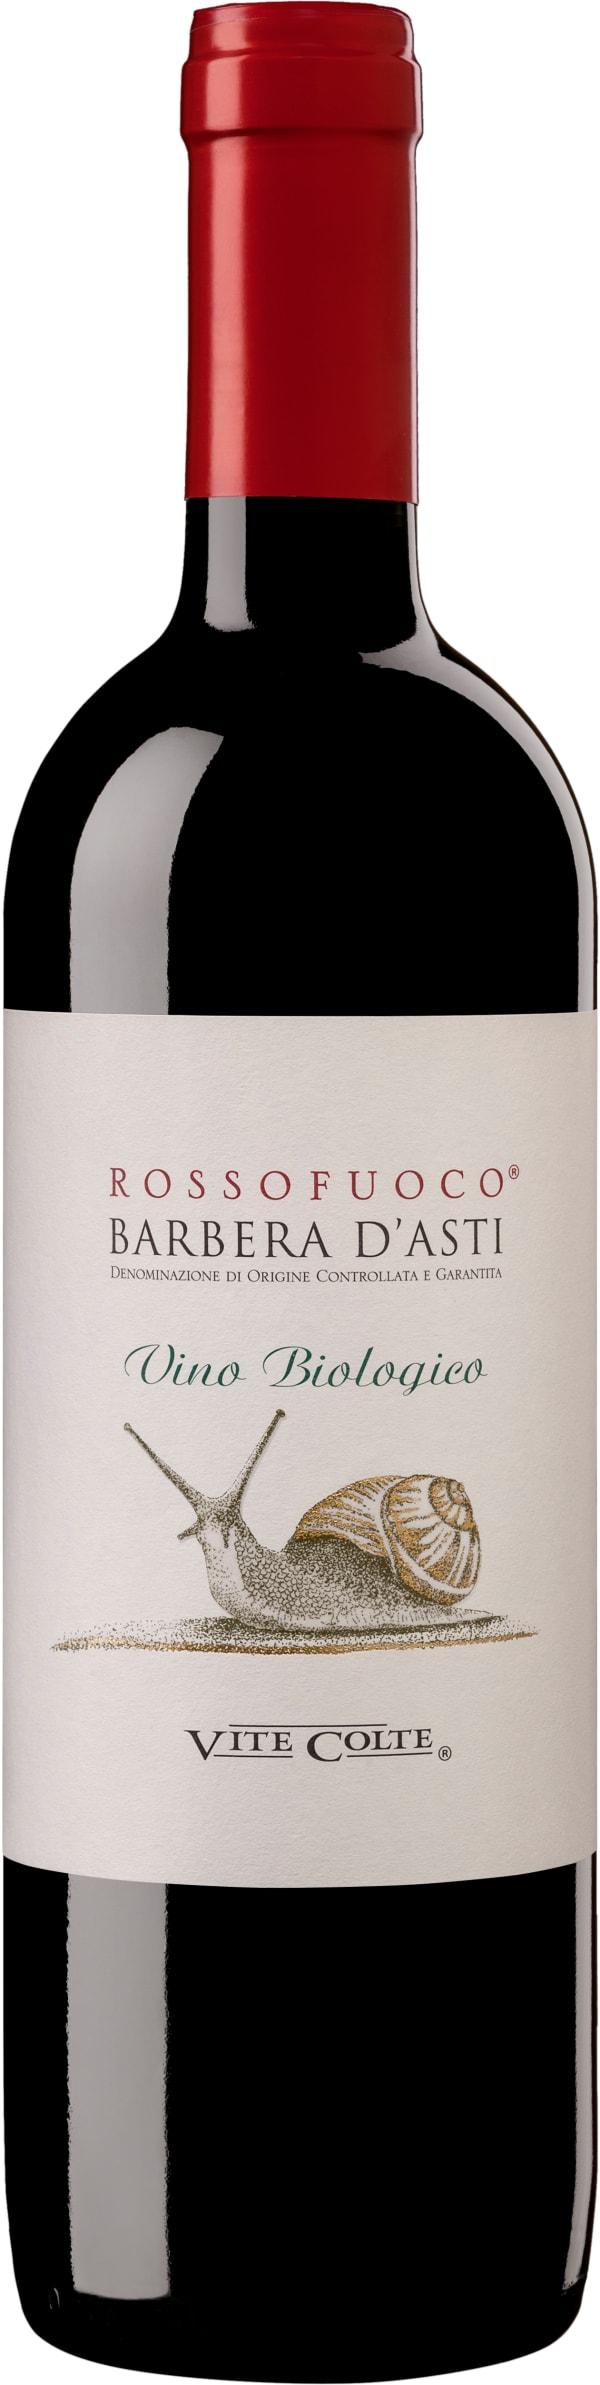 Rossofuoco Barbera d'Asti Biologico 2018